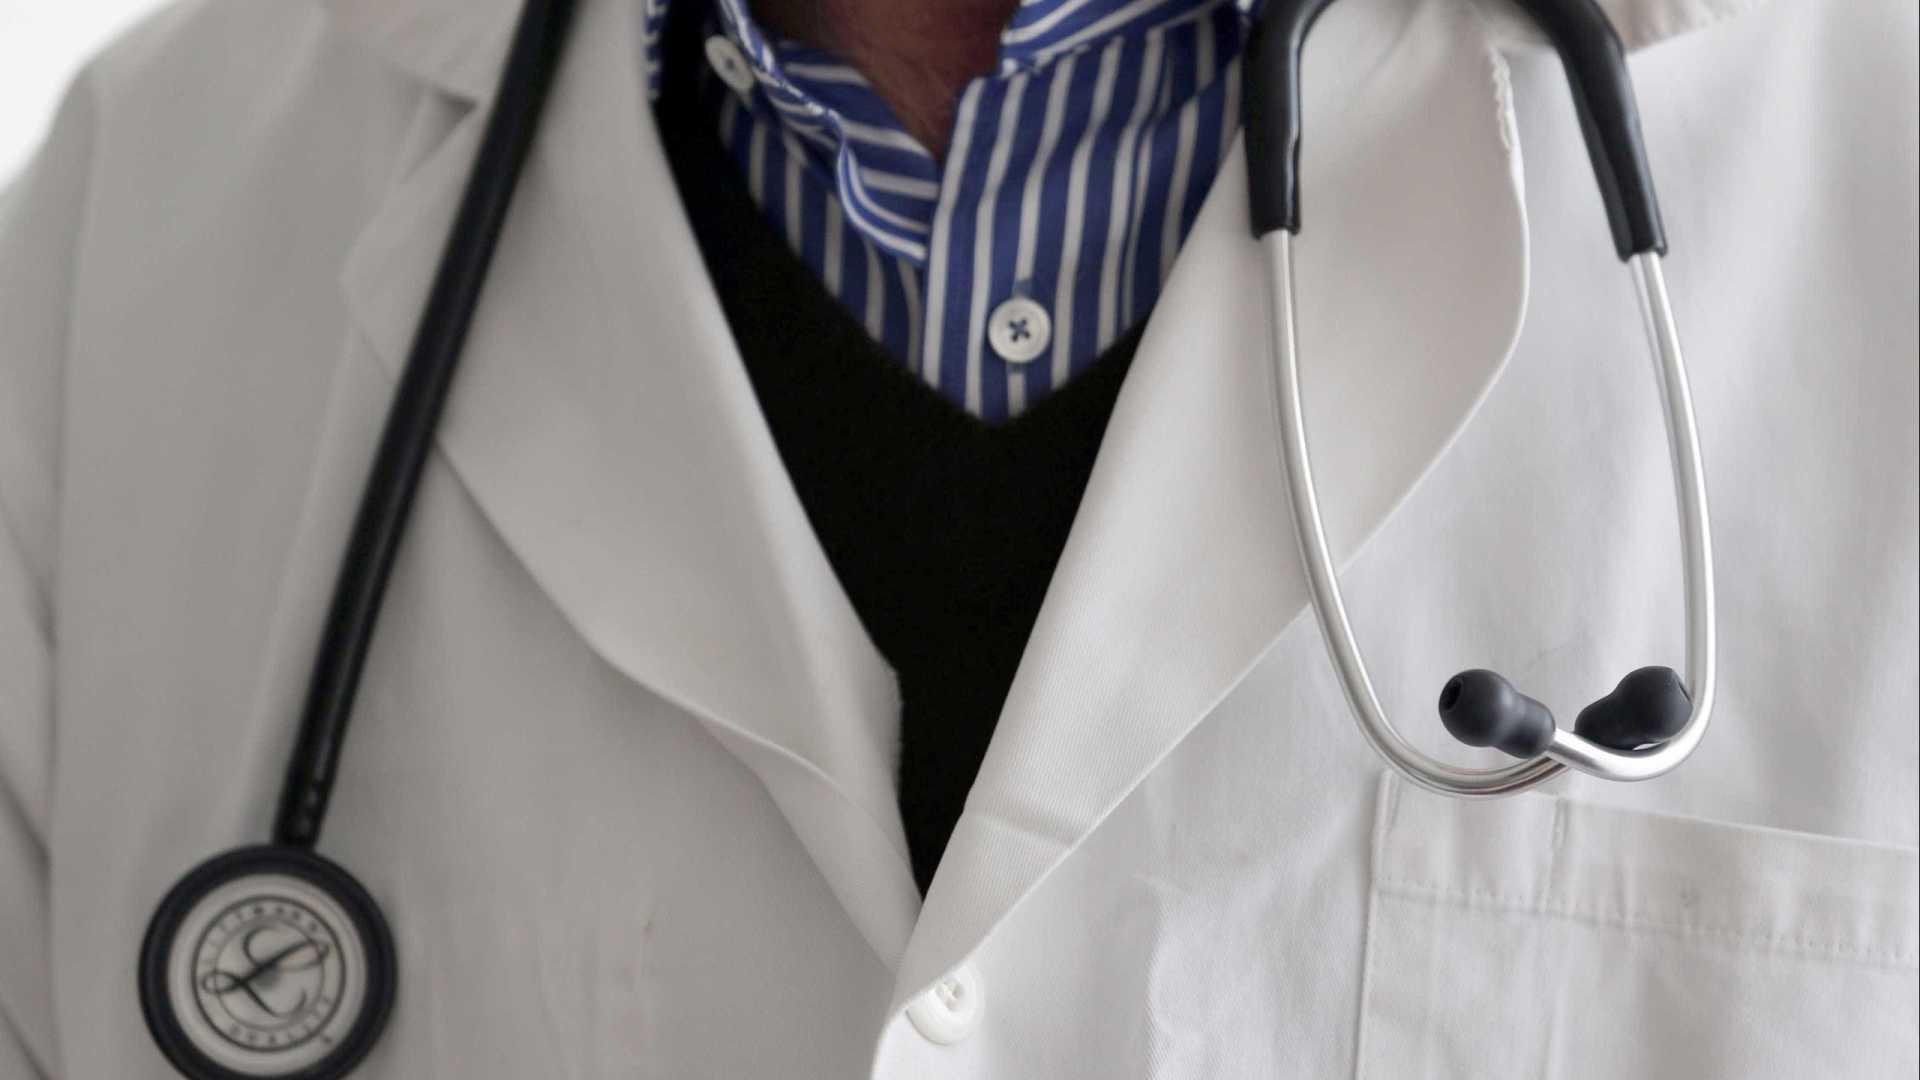 naom 59983b3ab365e003 - Médico é afastado por suspeita de mandar nudes do banheiro de hospital